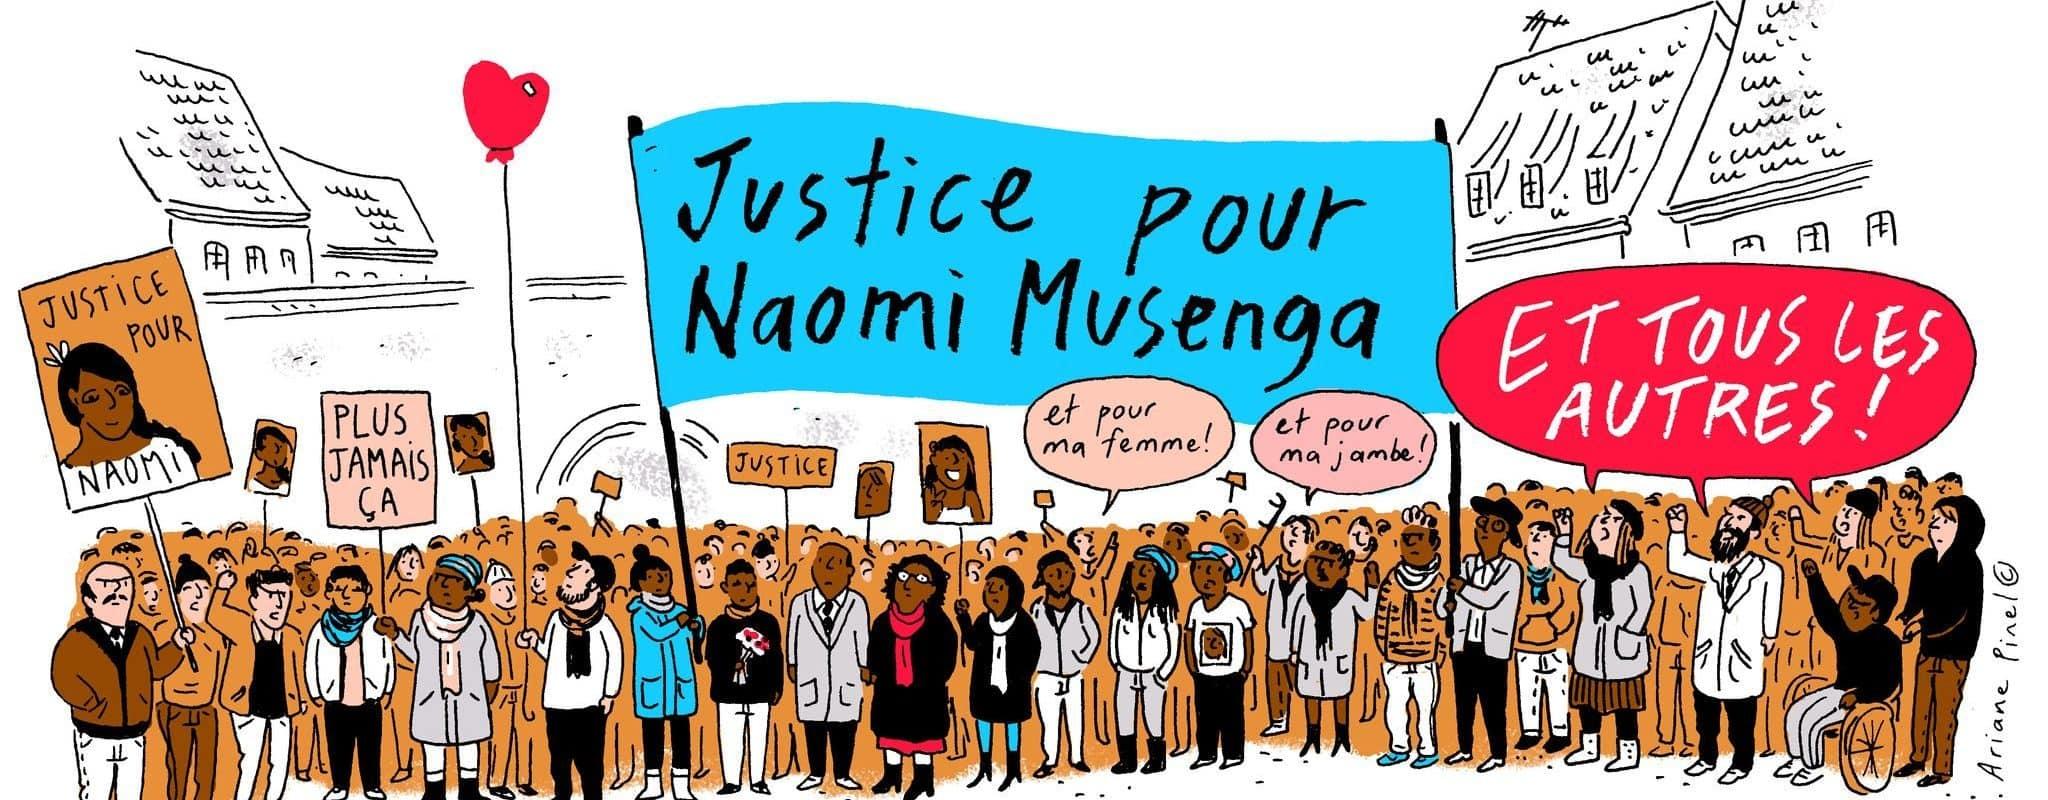 Un an après la mort de Naomi Musenga, un rassemblement pour obtenir des réponses